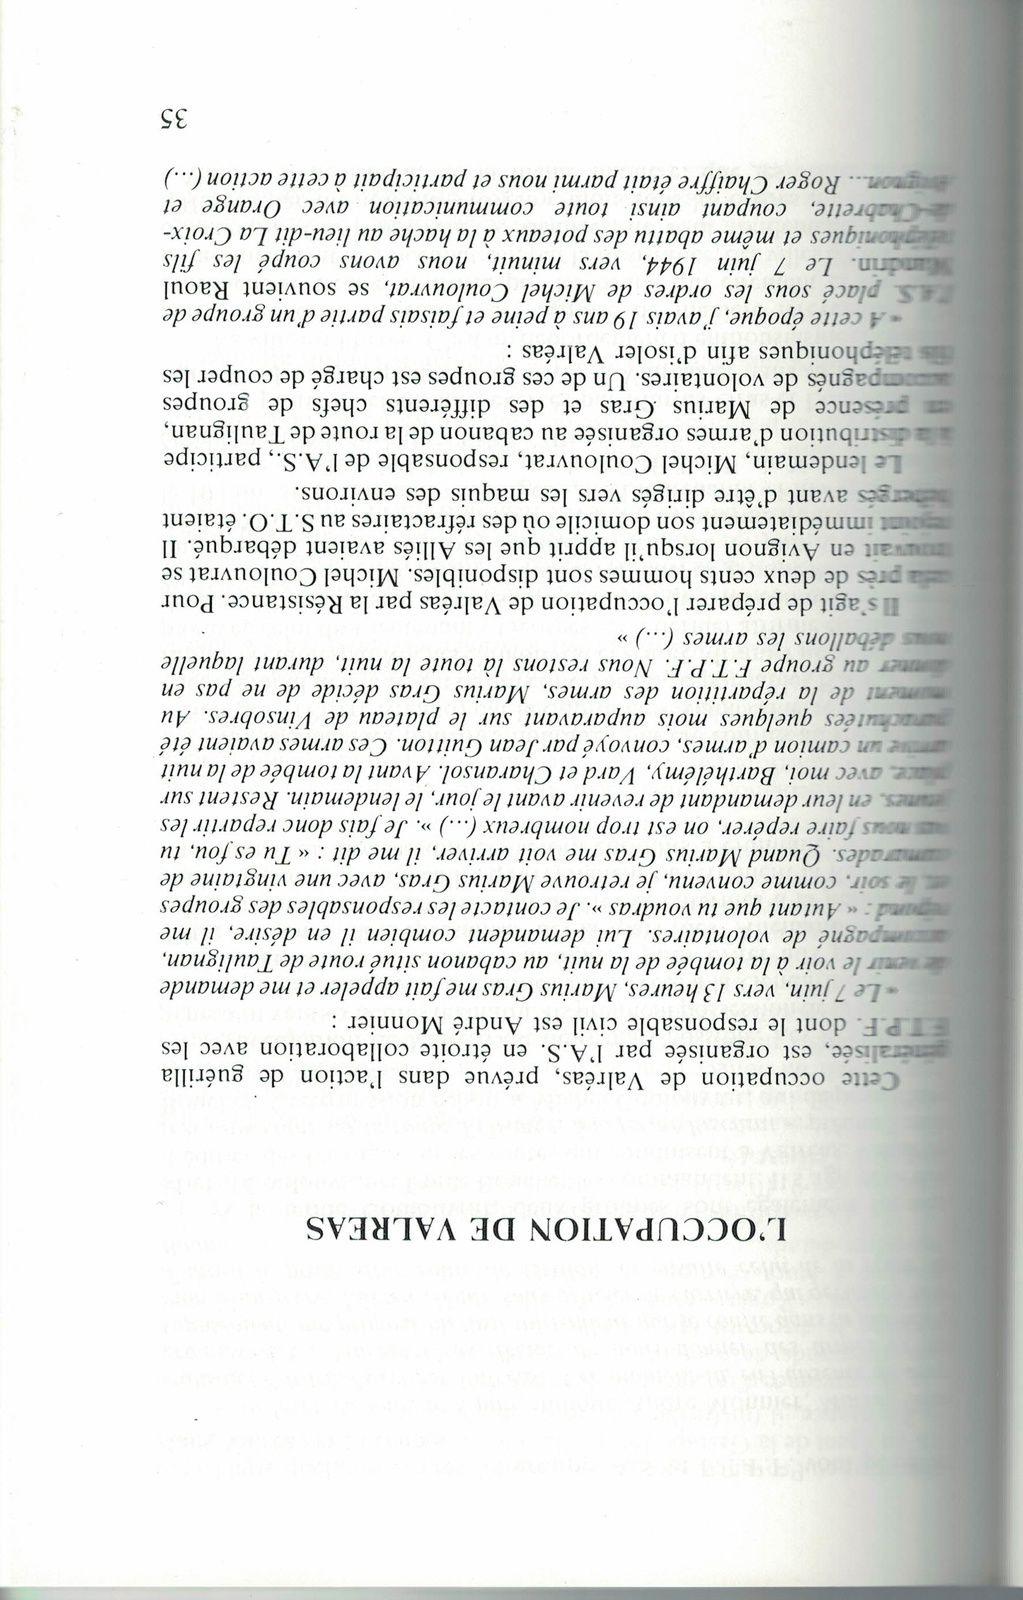 Livre du 12 juin 1944 - 53 fusillés à Valréas - 5ème édition